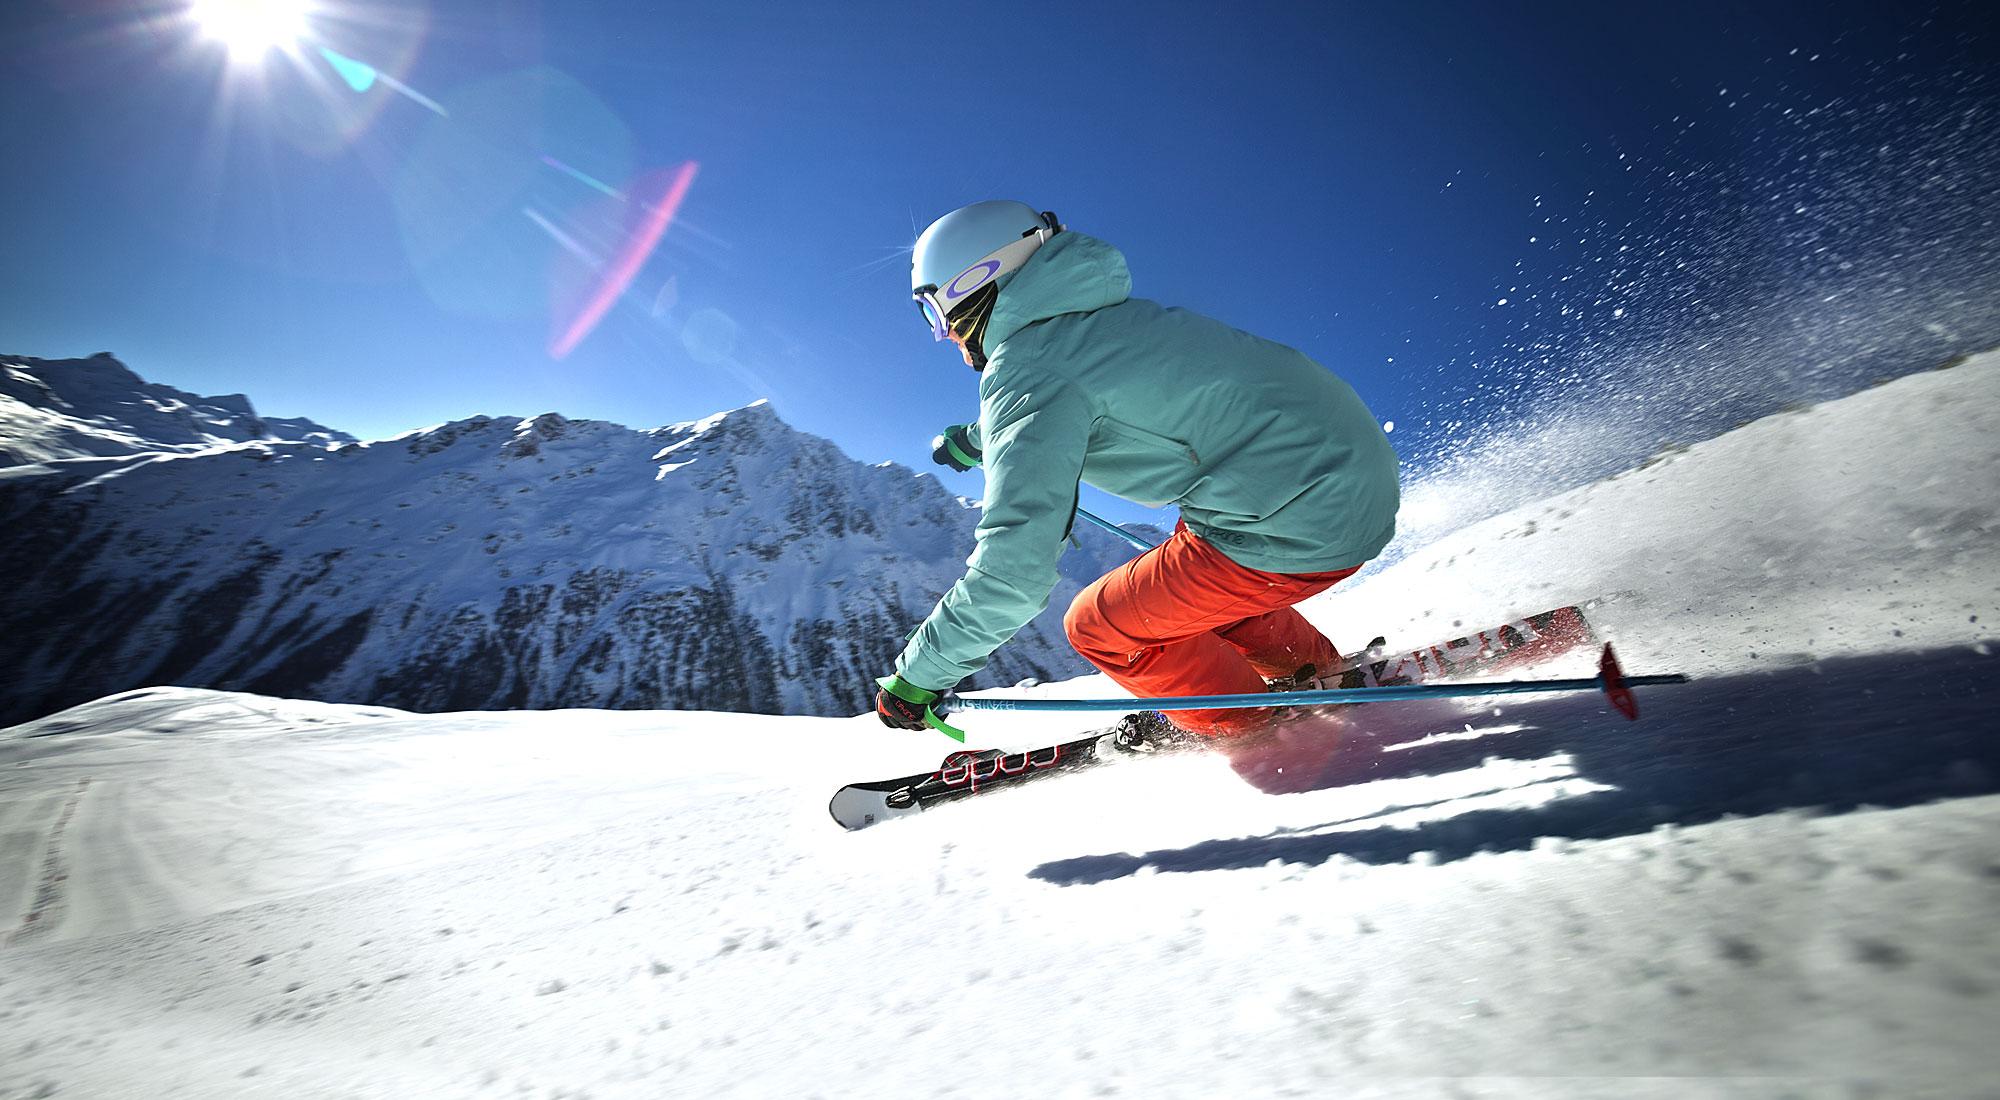 Члены сборной США погибли под лавиной в Альпах